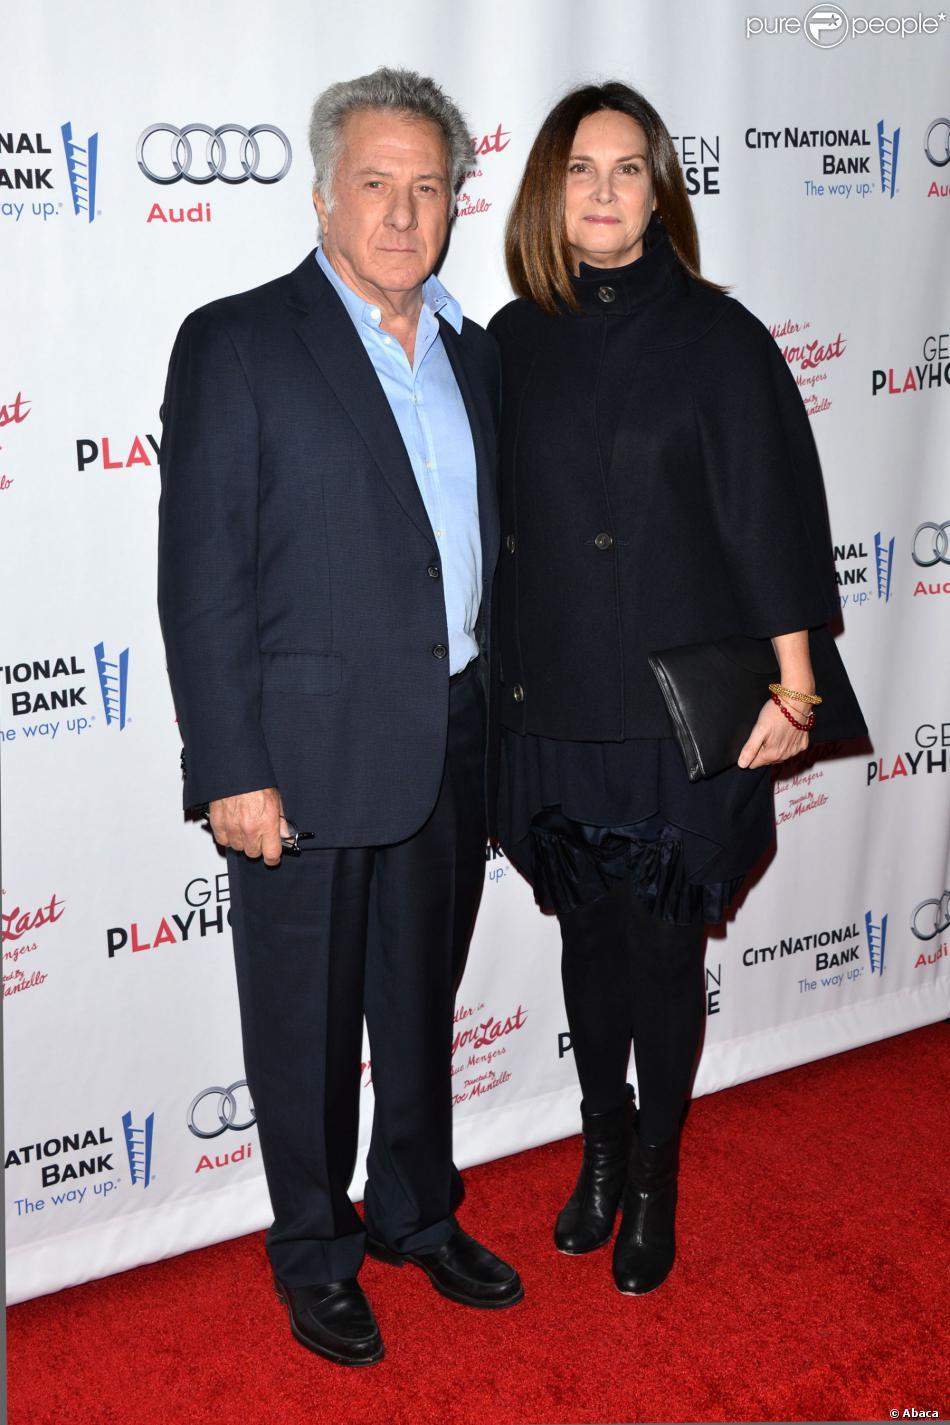 Dustin Hoffman et Lisa Gottsegen lors de la première de I'll Eat You Last: A Chat With Sue Mengers à Westwood, Los Angeles, le 5 décembre 2013.